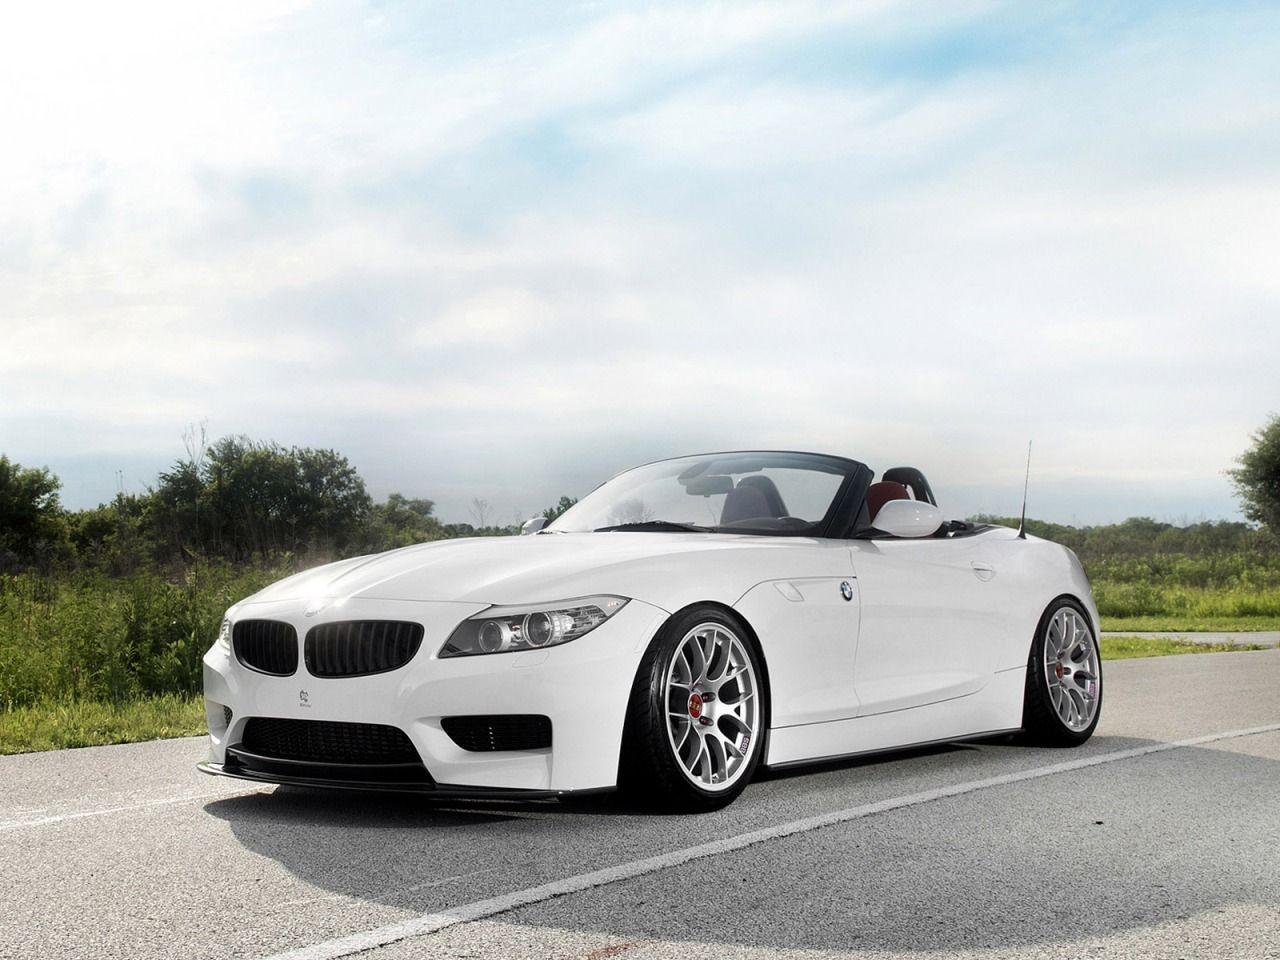 Bmw E89 Z4 White Z4 Bmw Z4 Bmw Z4 Roadster Bmw